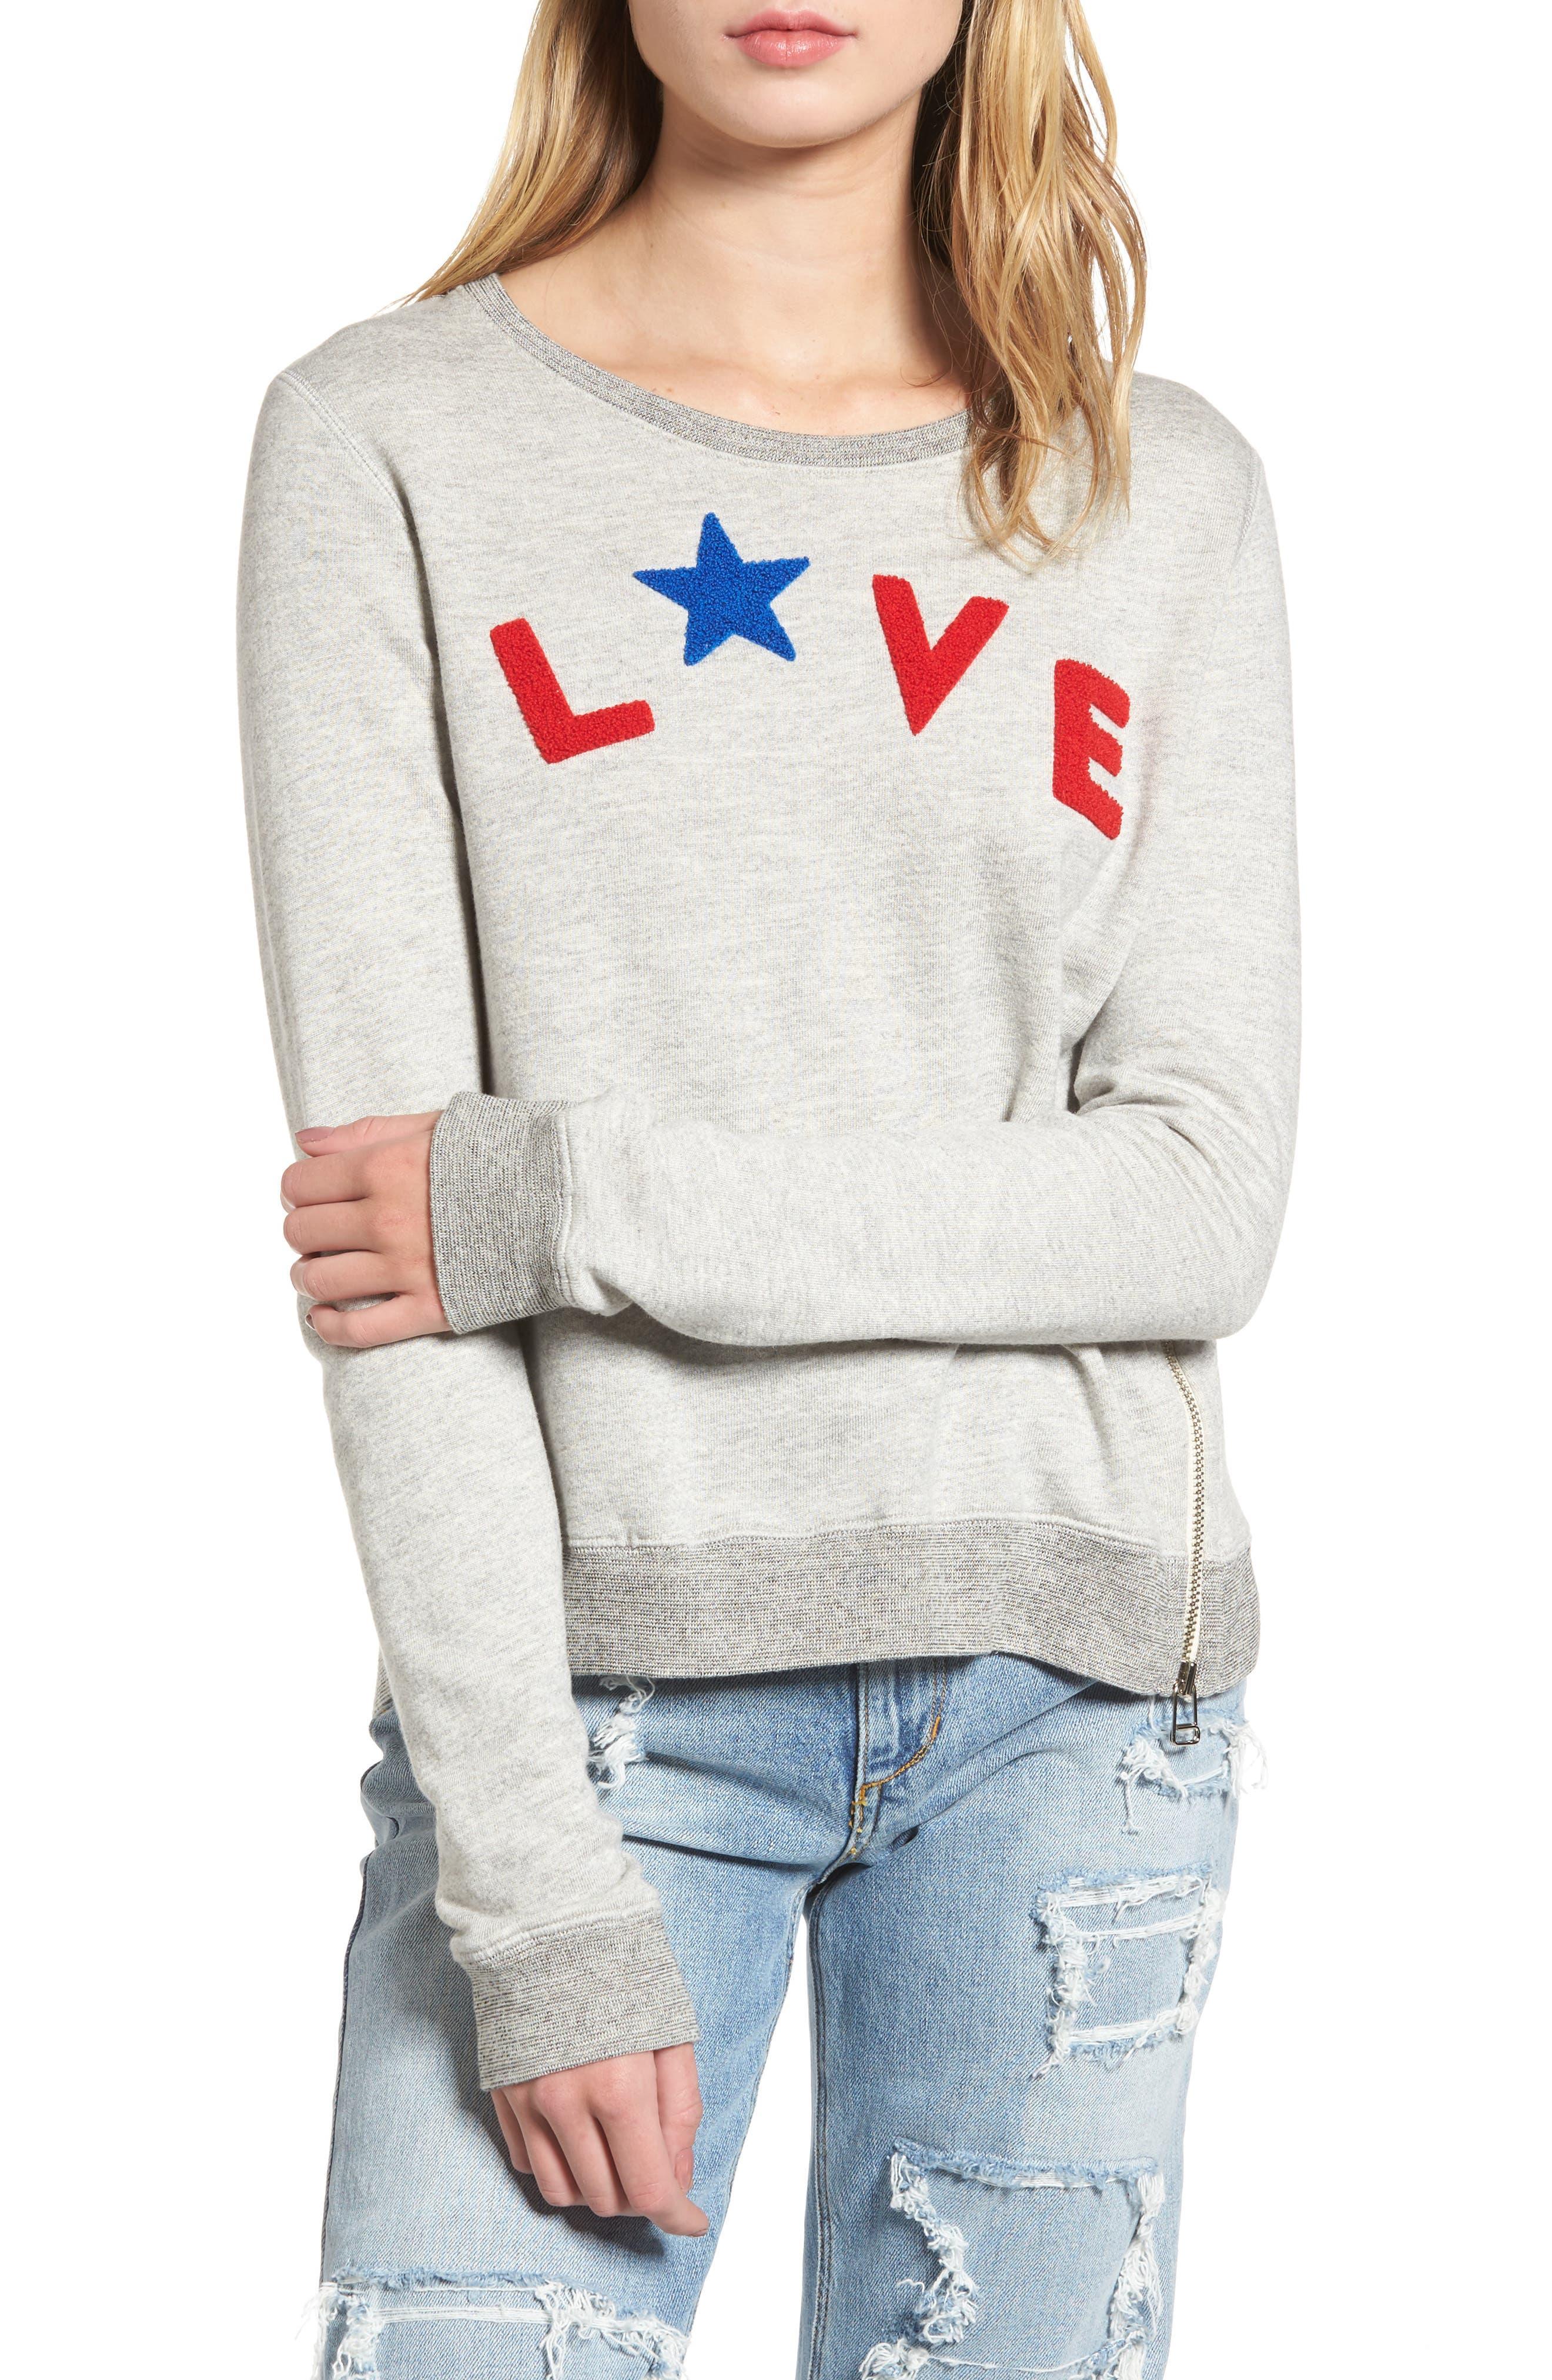 Main Image - Sundry Love Sweatshirt